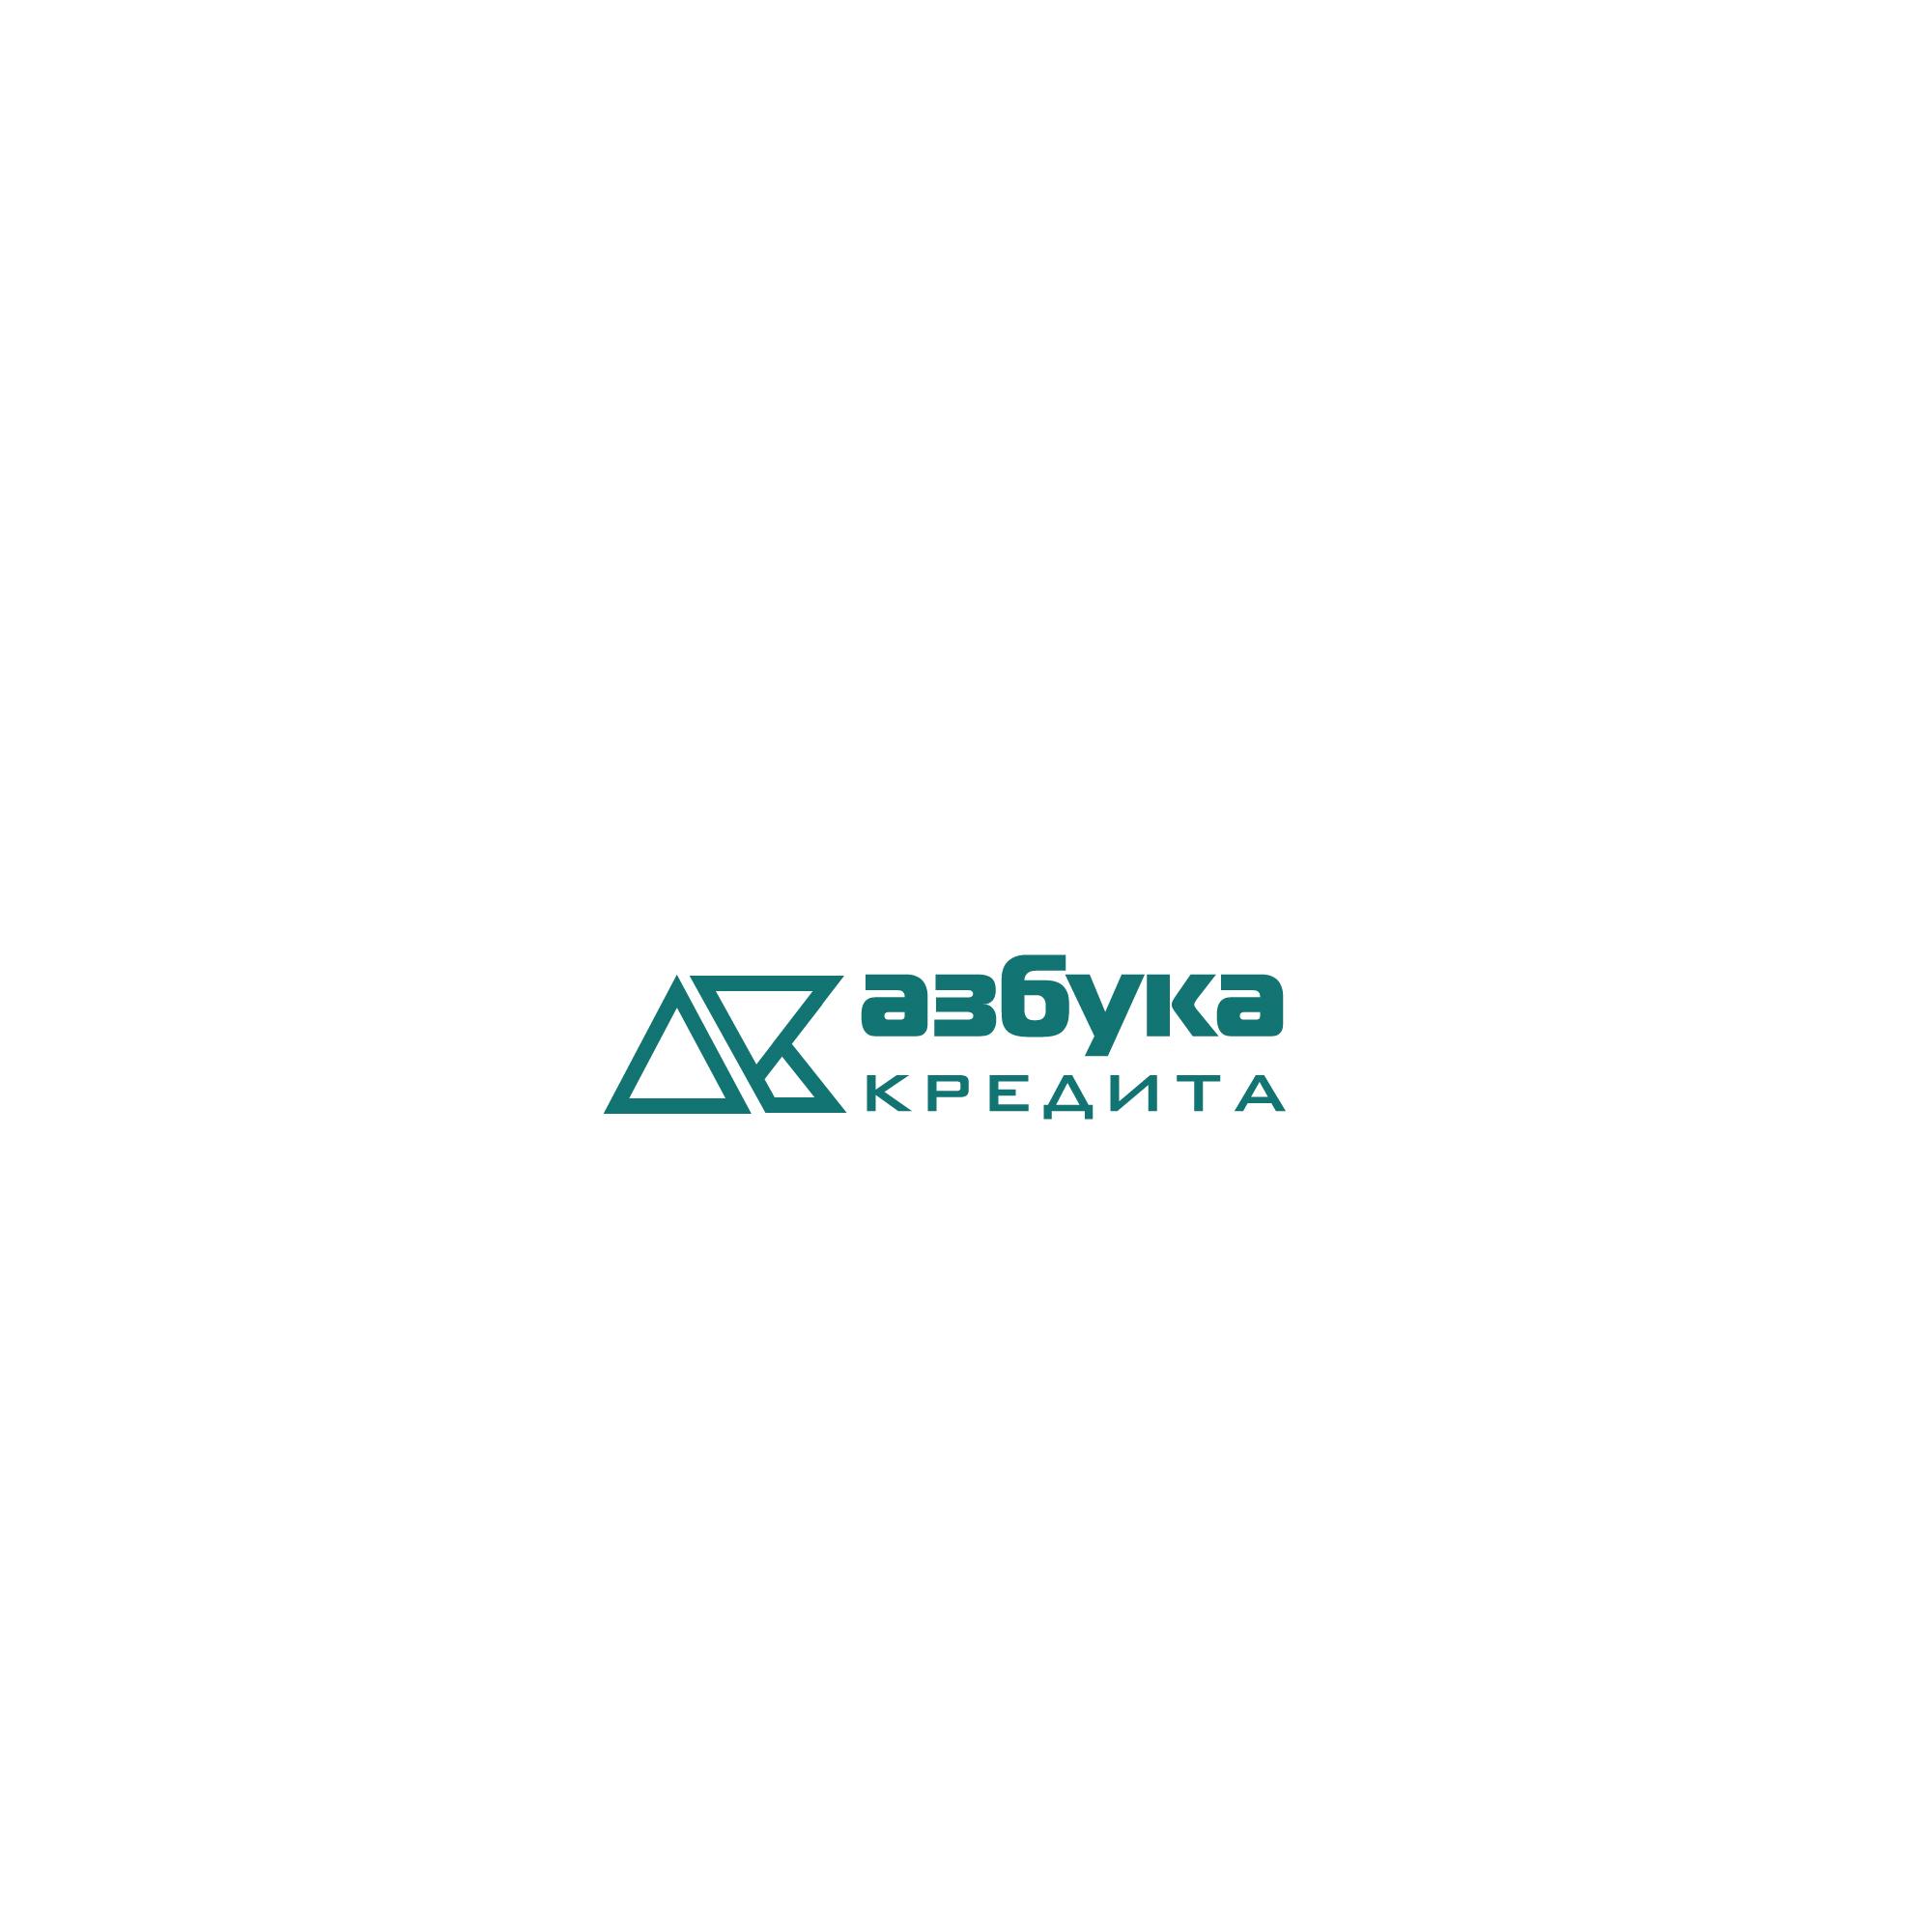 Разработать логотип для финансовой компании фото f_4395de7925d72e3d.jpg